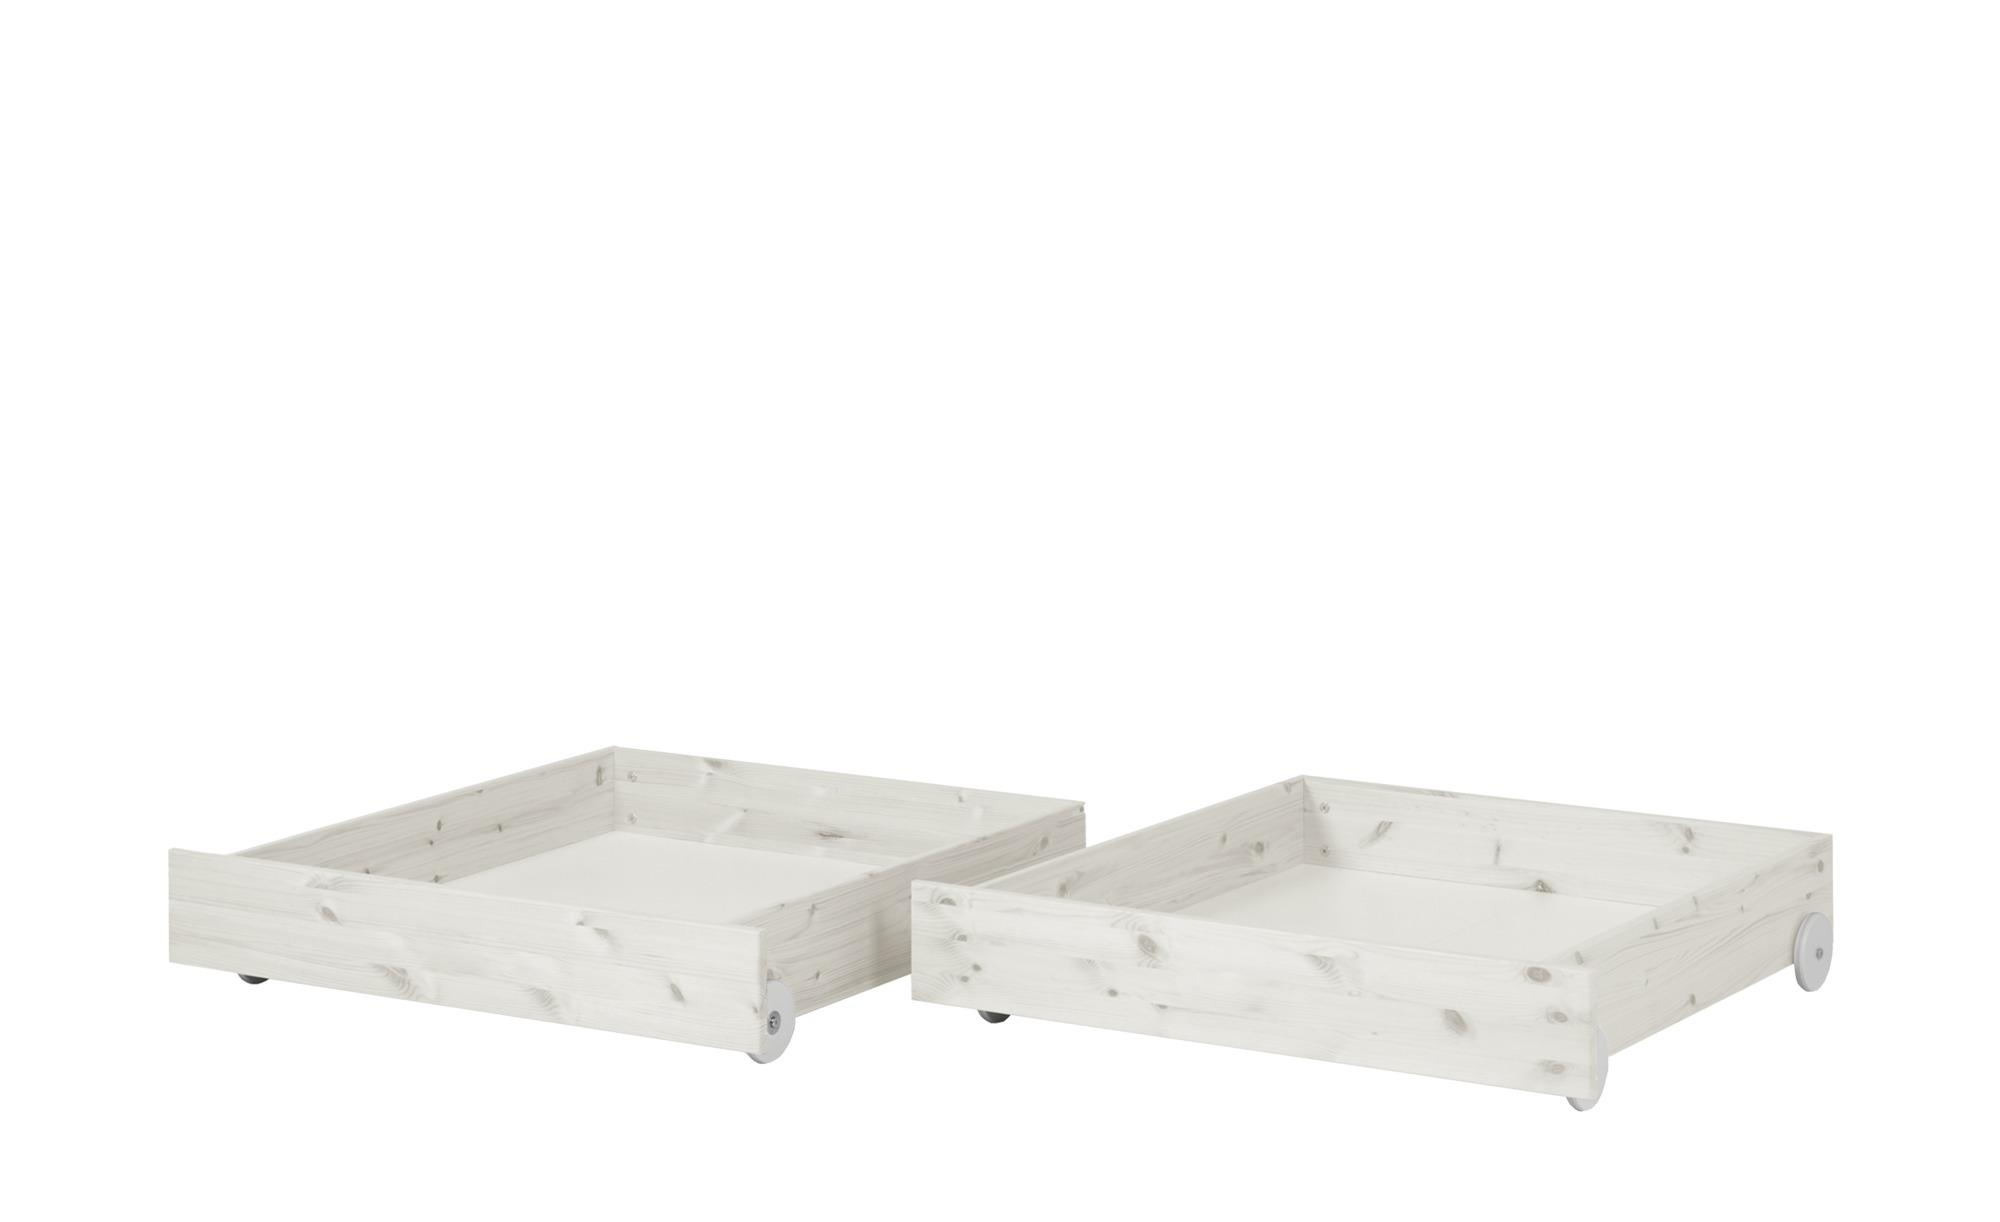 FLEXA Bett mit 2 Schubladen Flexa Classic, gefunden bei Möbel Kraft